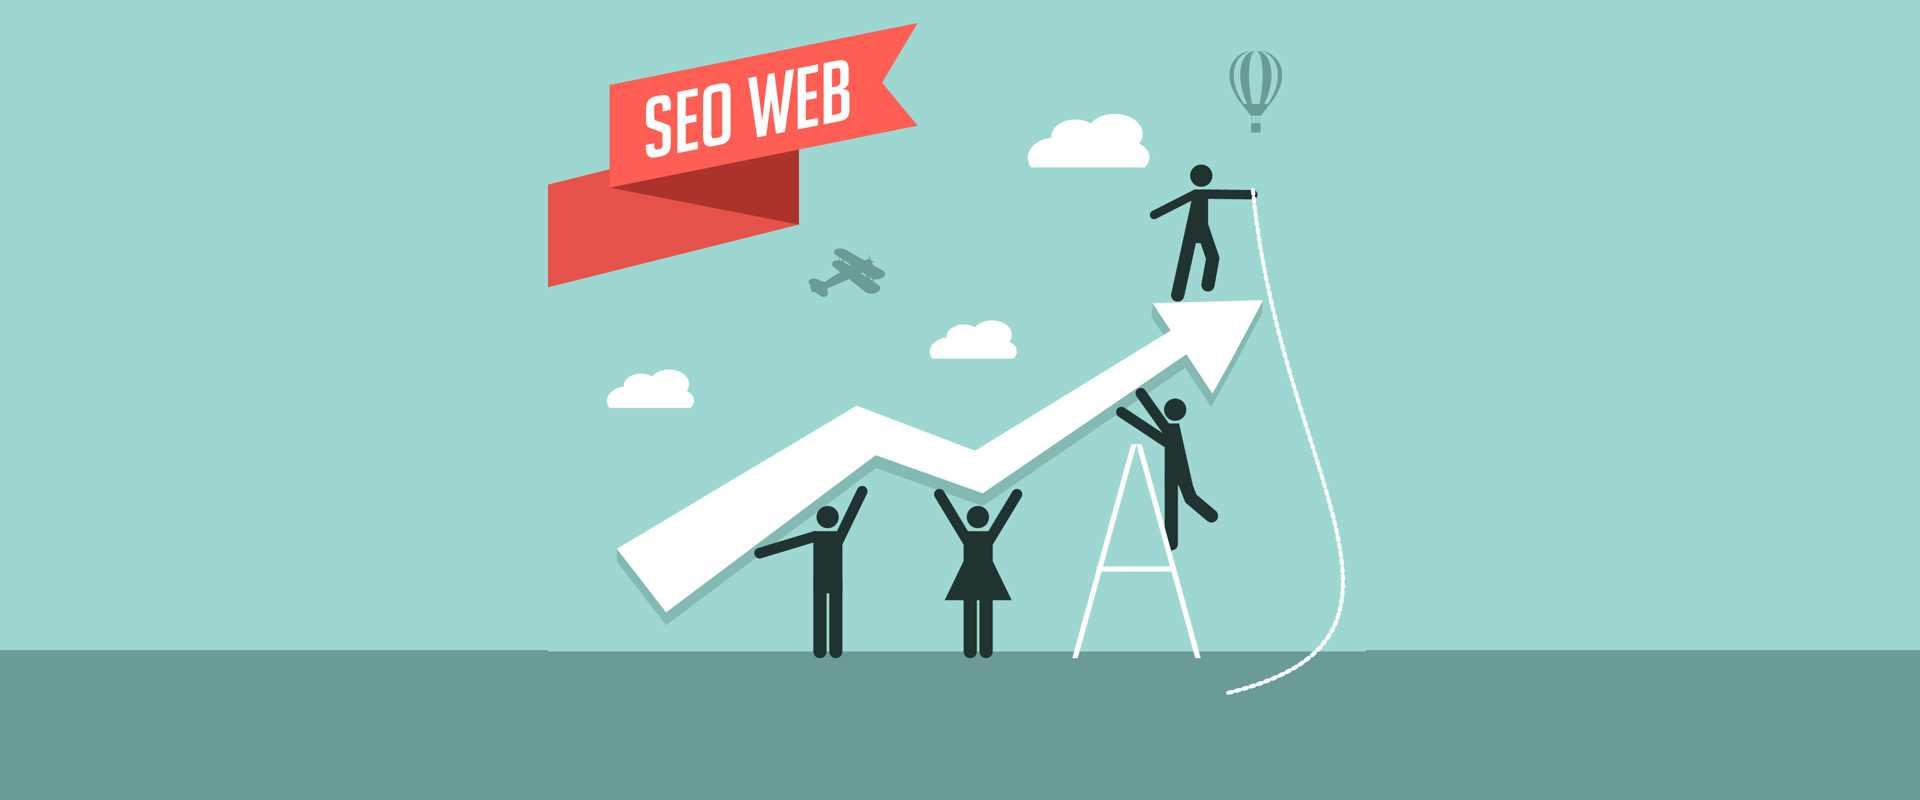 Optymalizacja treści pod kątem wyszukiwarki Google